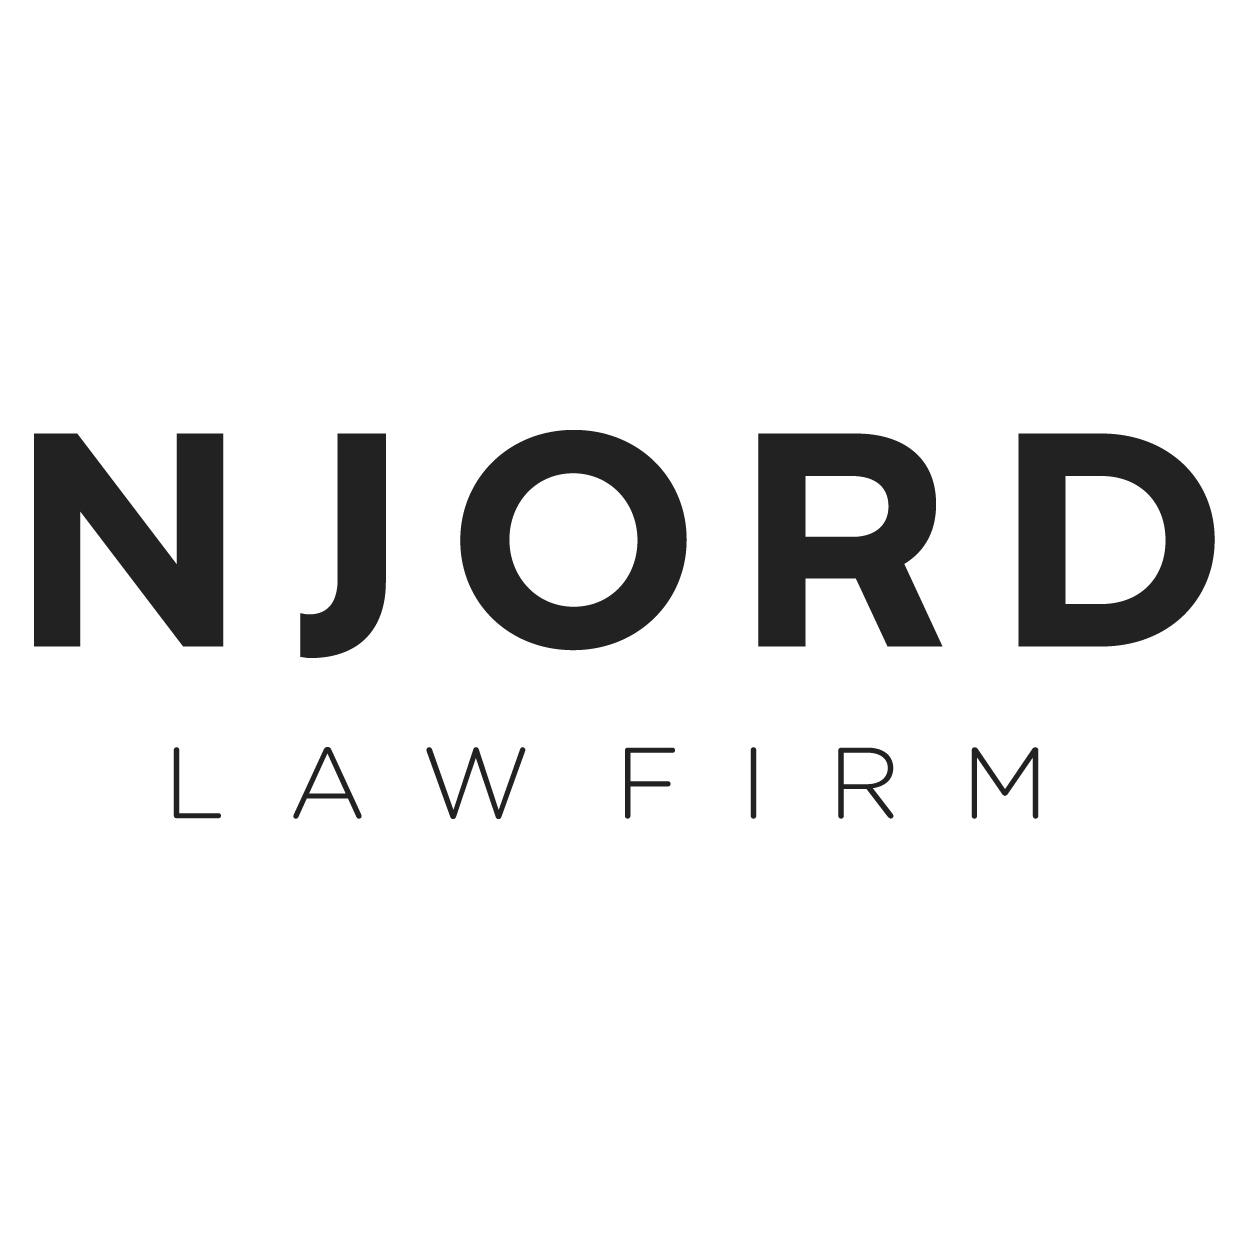 Vad händer om jag svarar Njord Lawfirm?